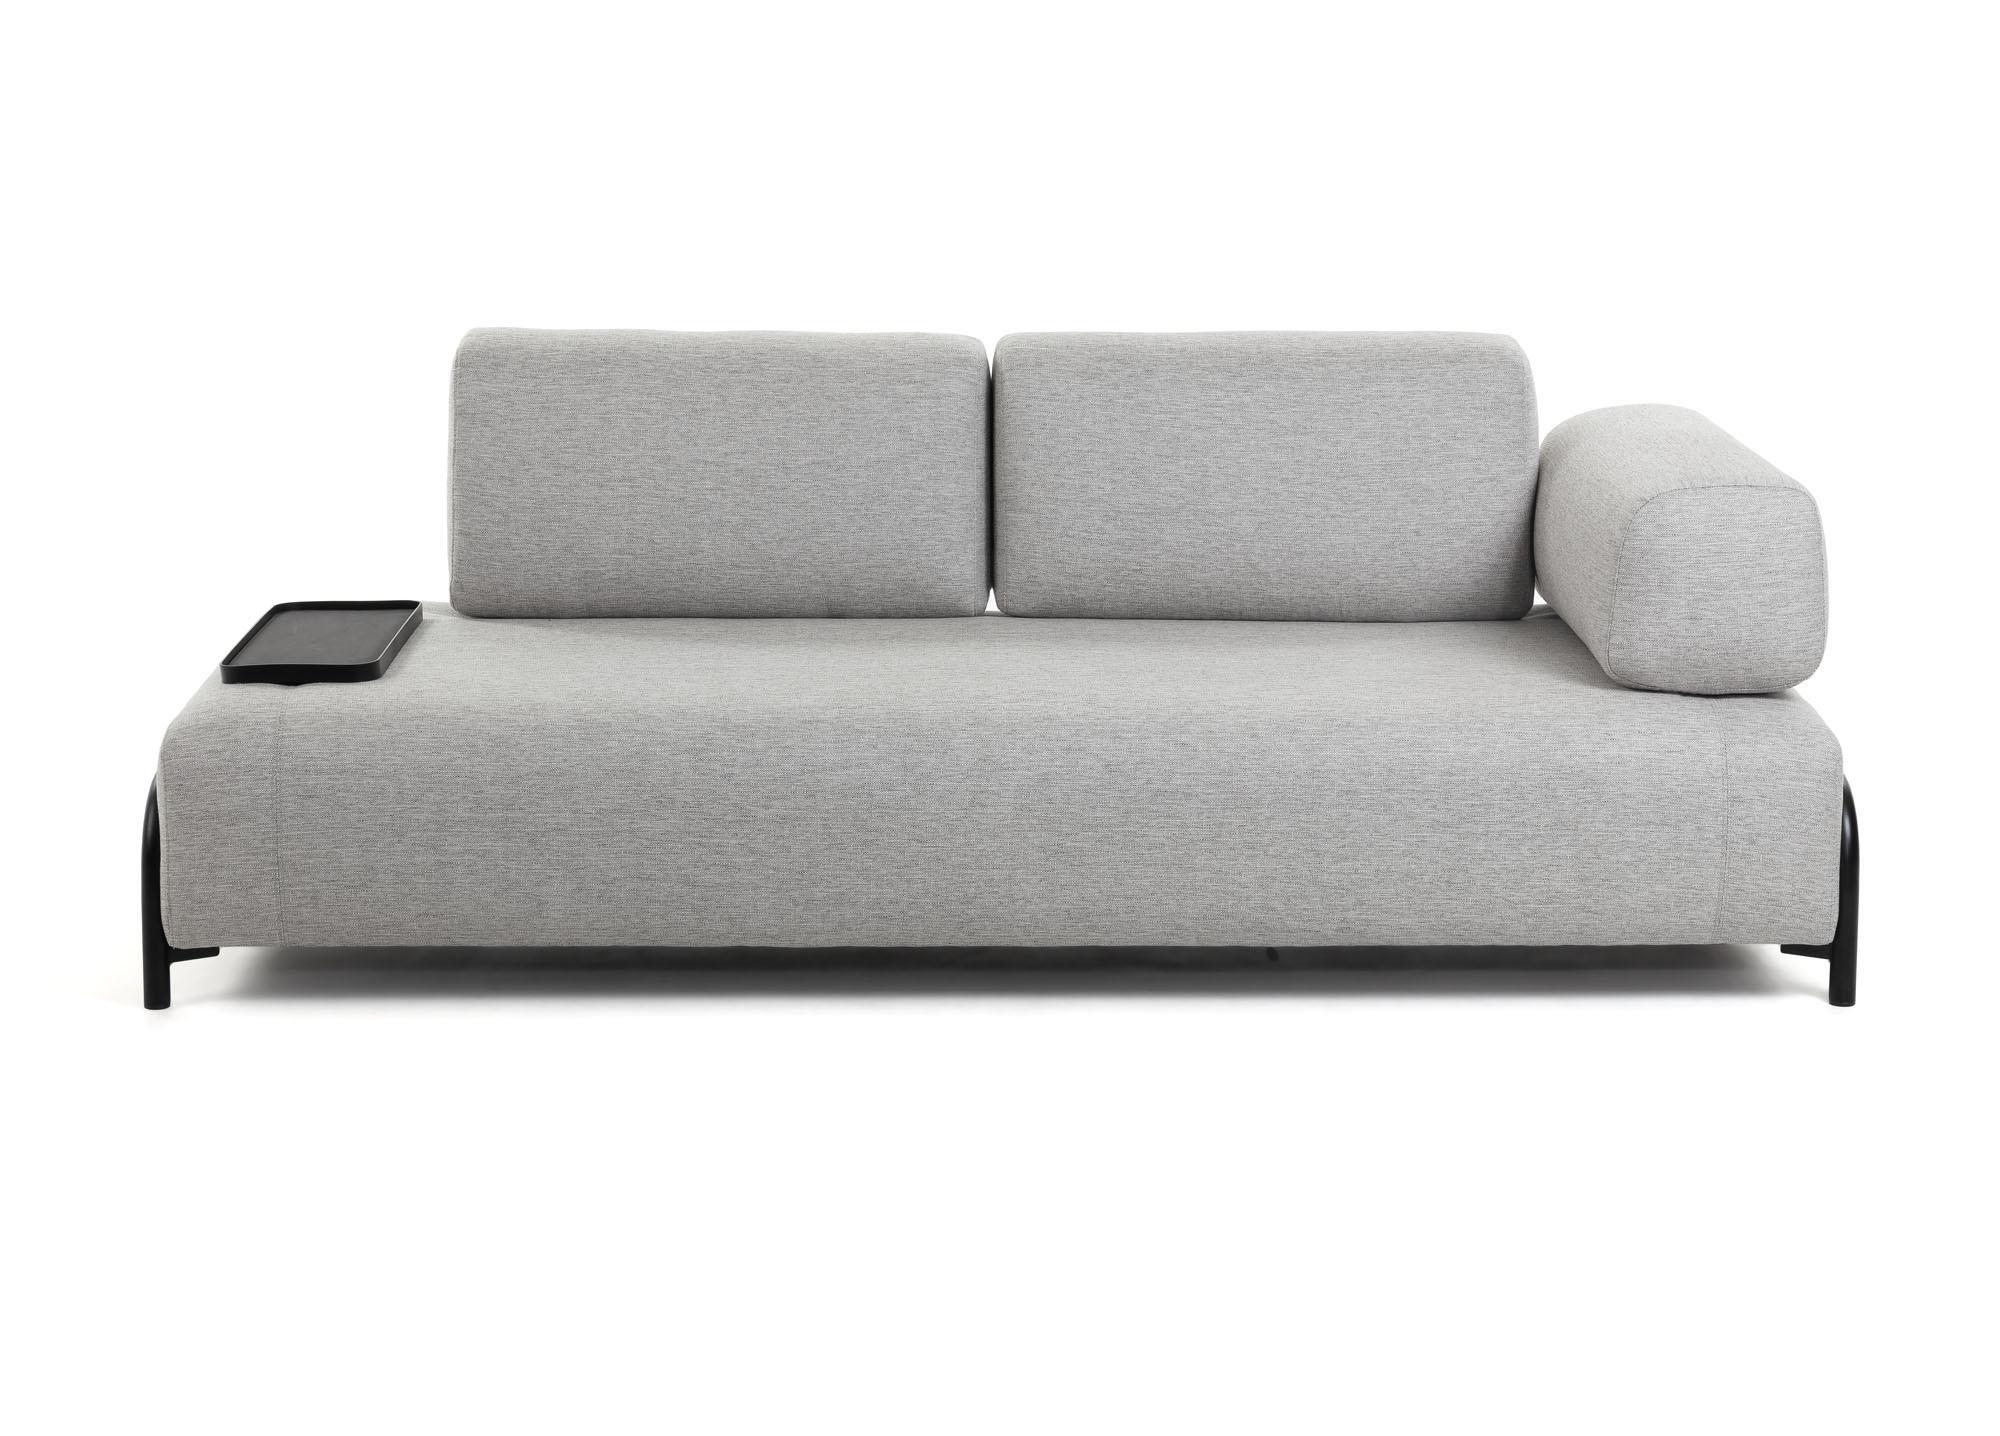 La forma трехместный диван с маленьким подносом compo серый 128450/1